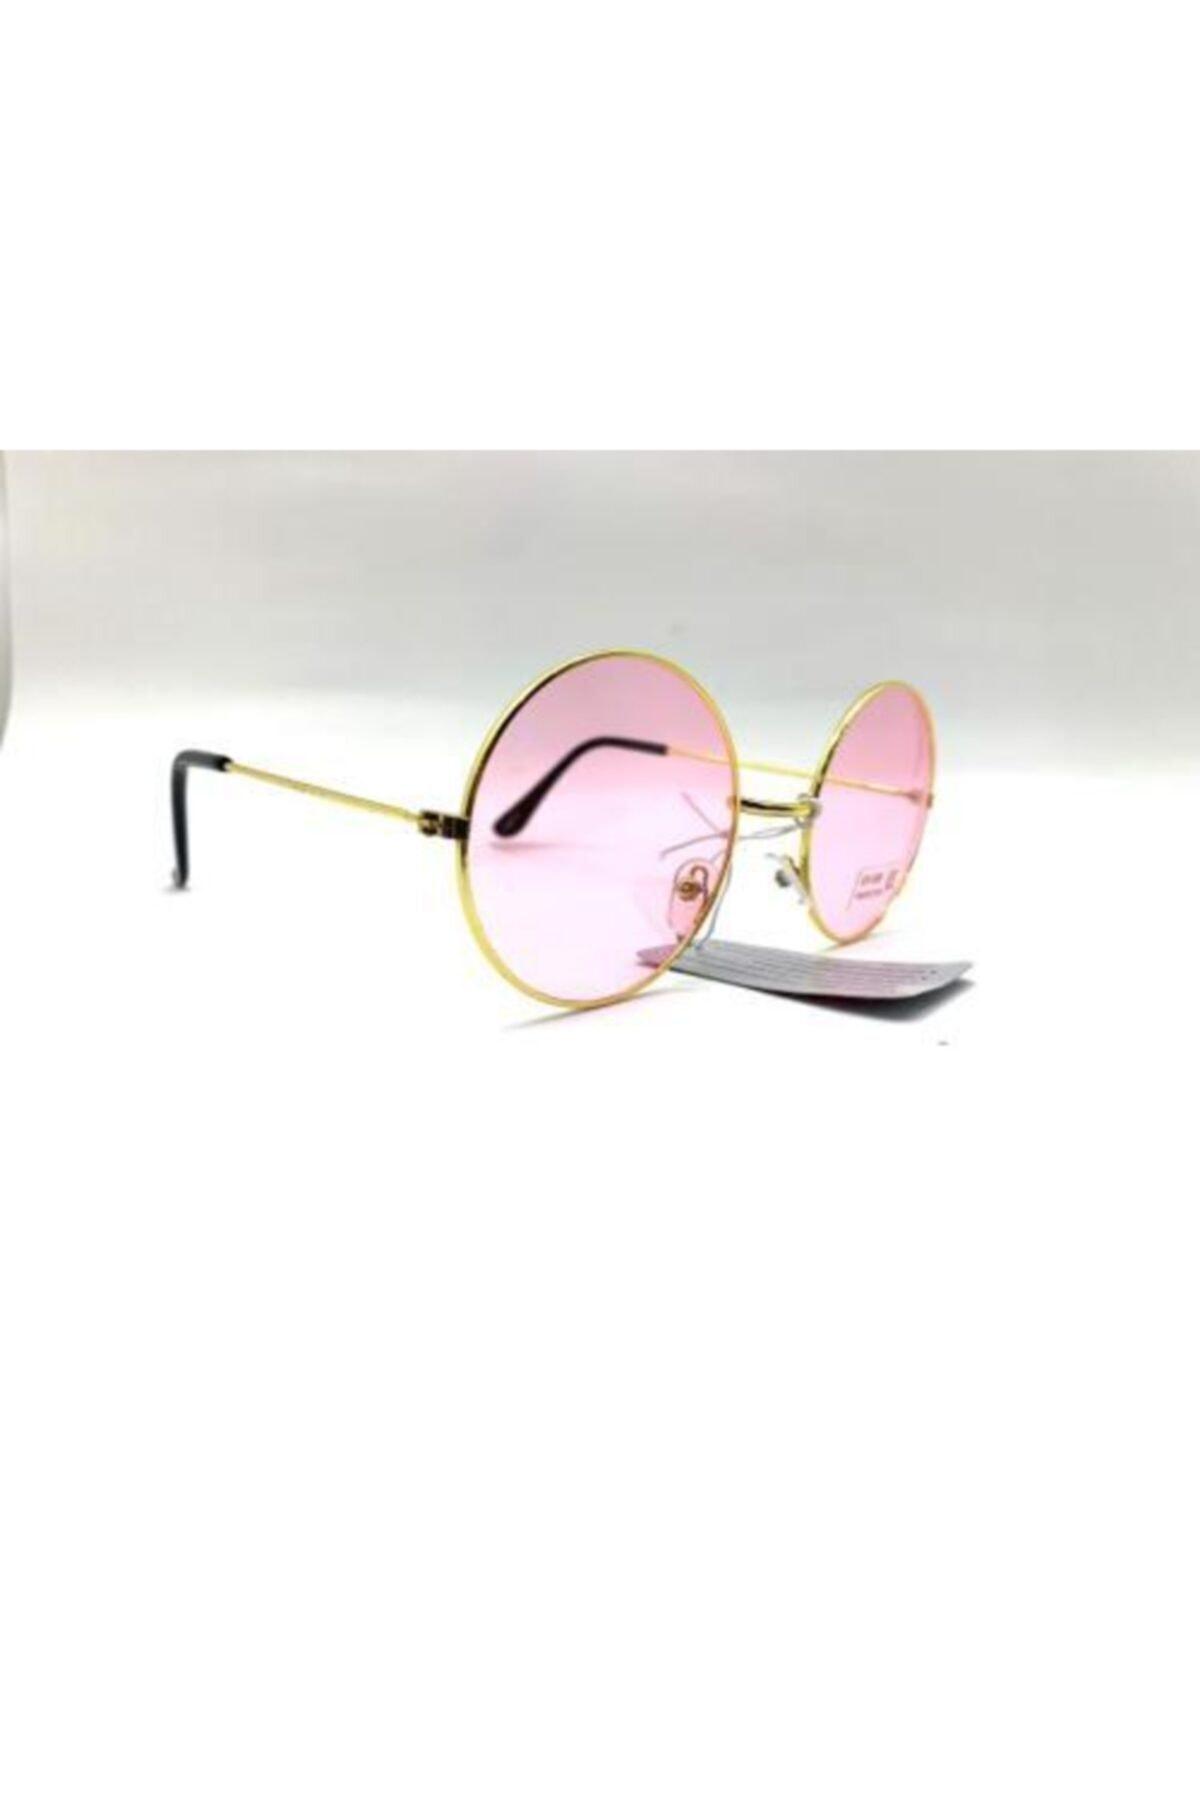 عینک آفتابی مردانه خفن برند premit رنگ صورتی ty51504292